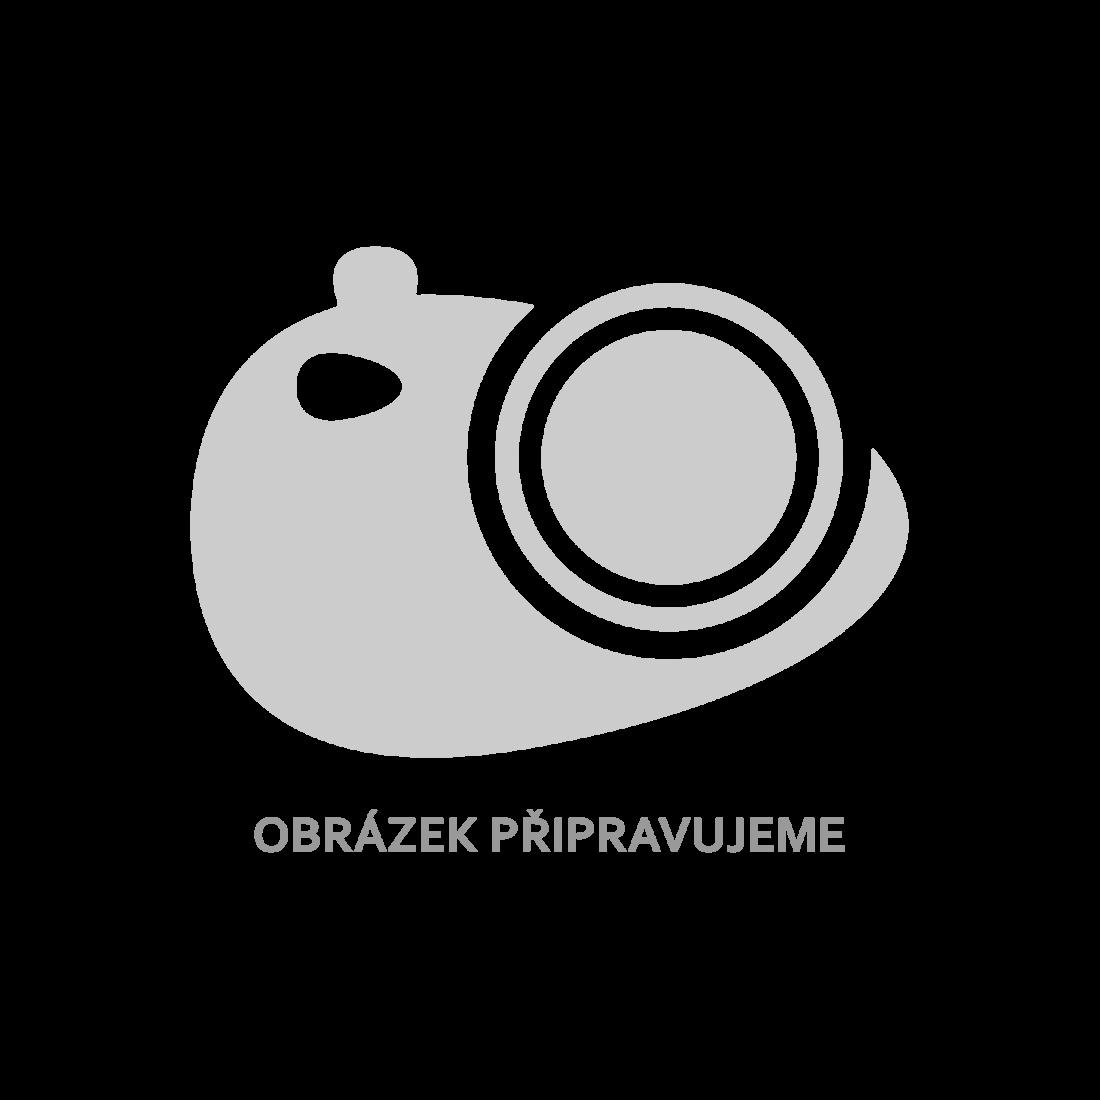 Dřevěný barový stůl + 4 barové židle, sada hnědá